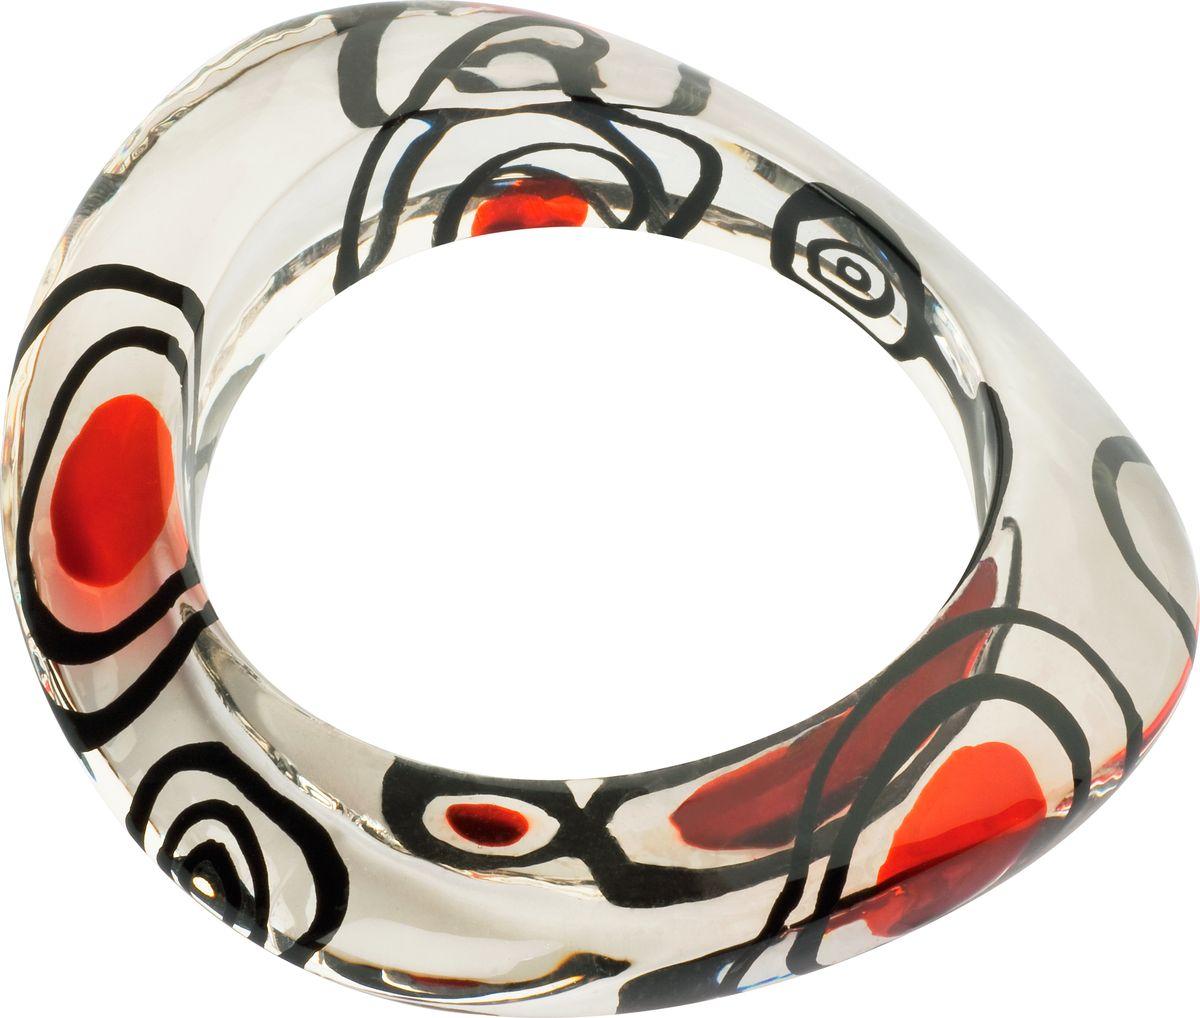 Браслет Lalo Treasures, цвет: прозрачный, красный. B2448/1sB2448/1sЯркие дизайнерские акссесуары от Lalo Treasures станут отличным дополнением к Вашему стилю